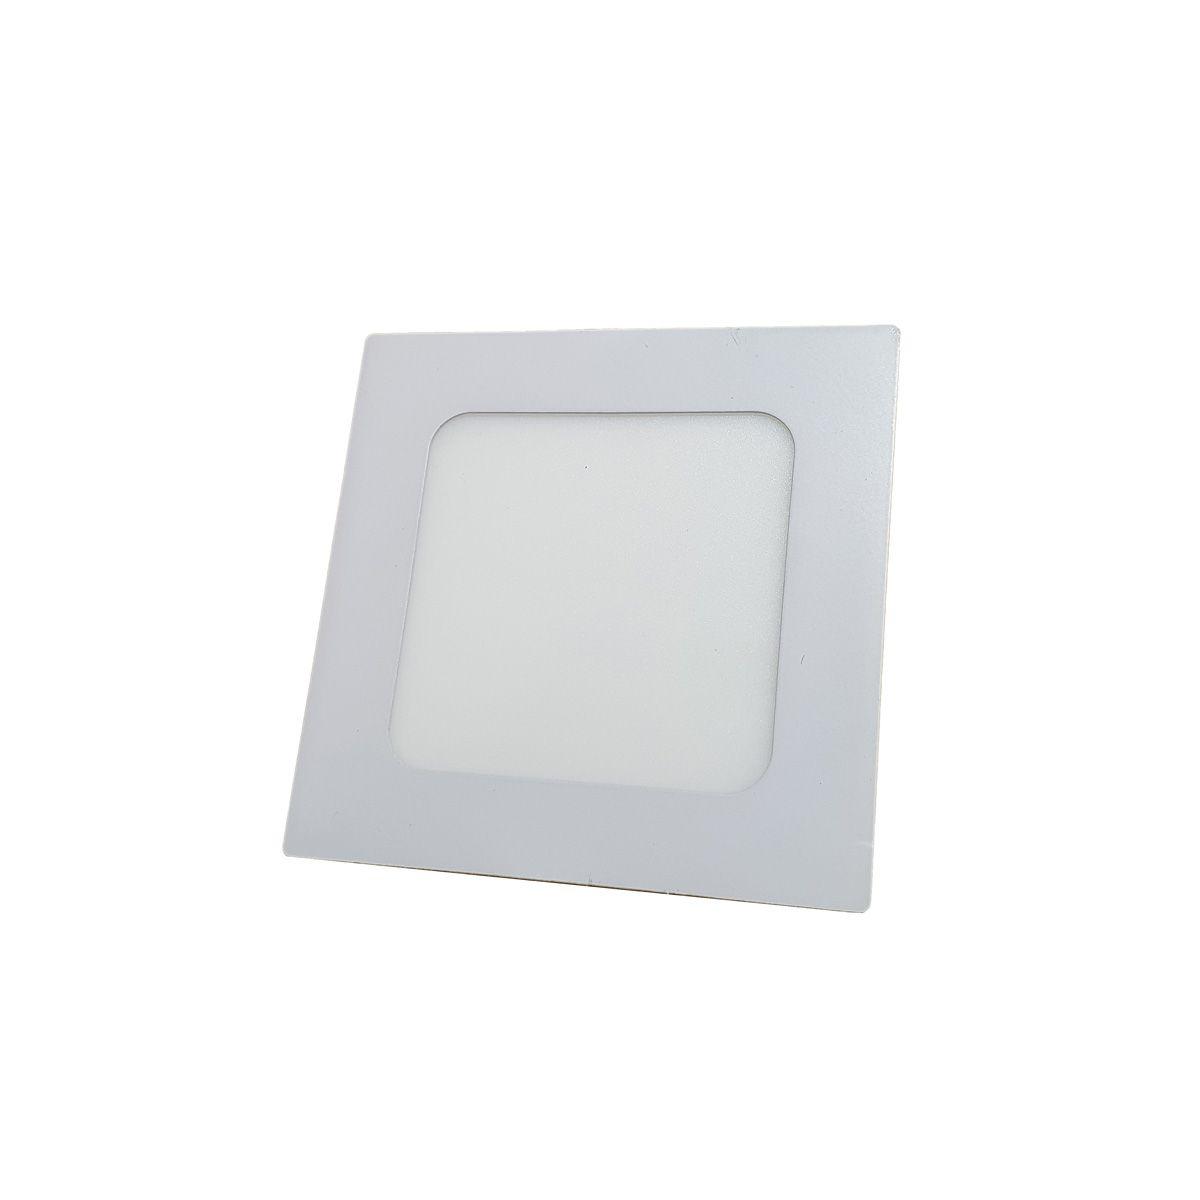 Painel Plafon LED 6w Quadrado Luminaria Embutir Branco Luz Quente